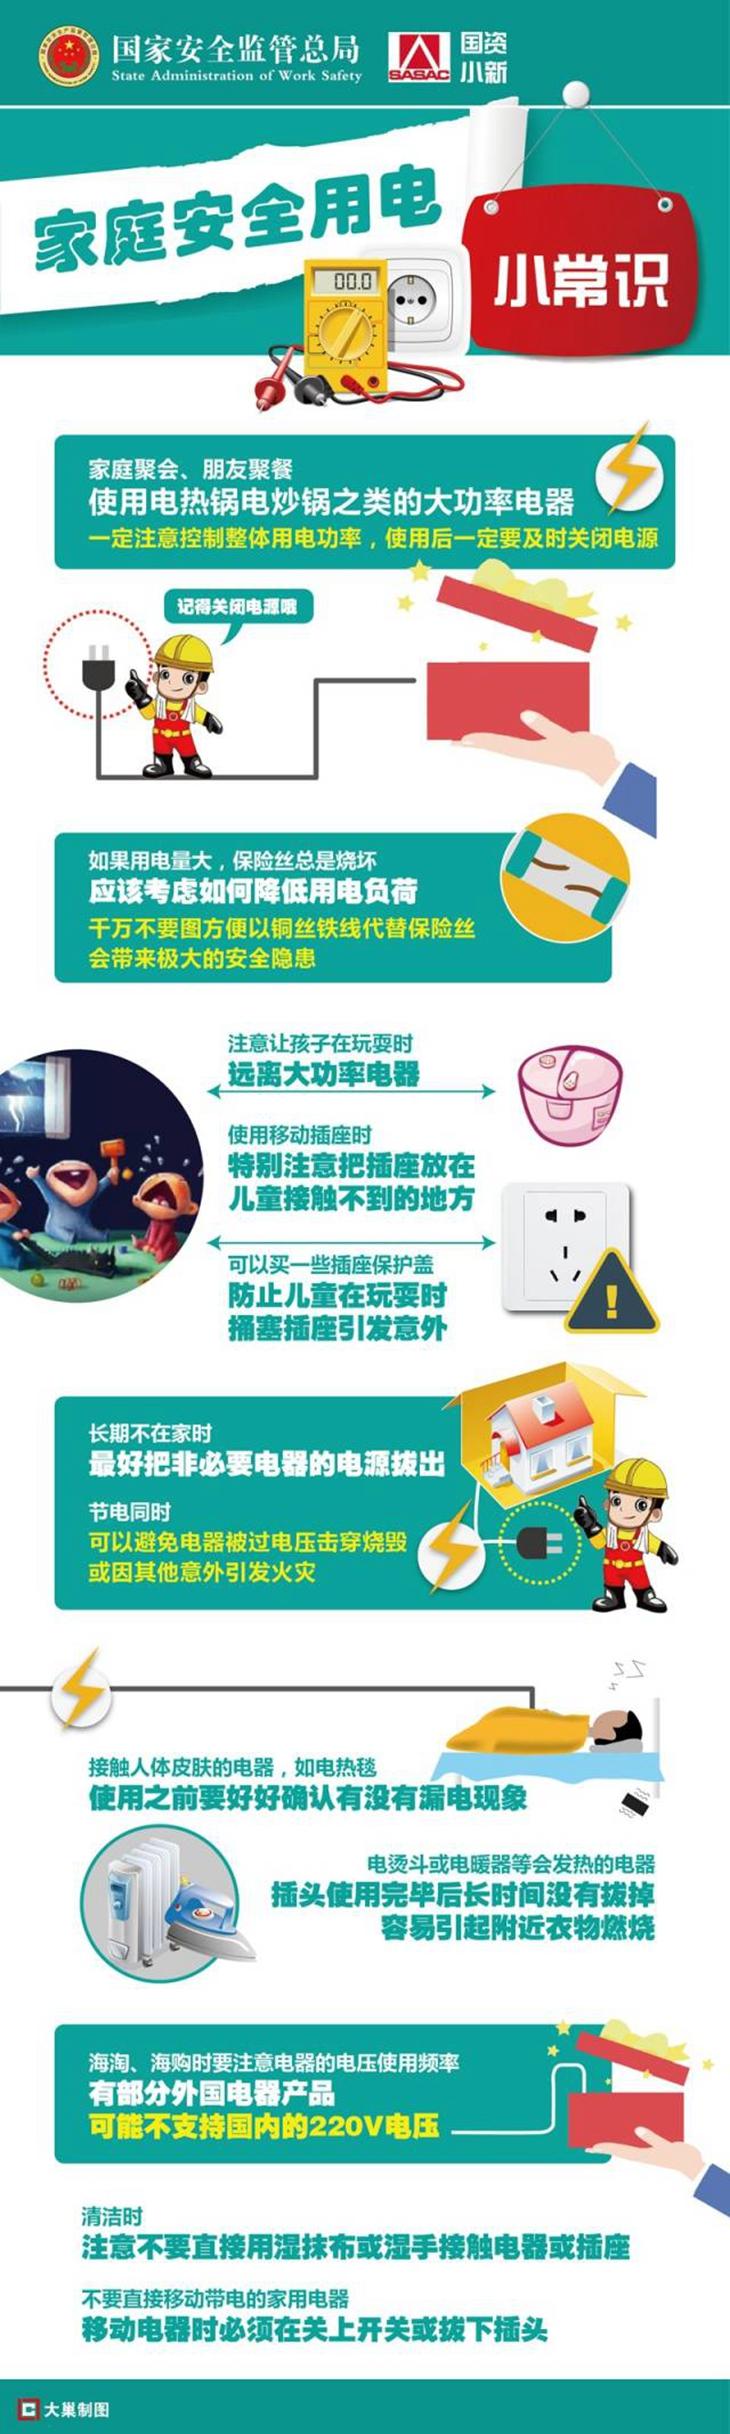 家庭安全用电小常识图片